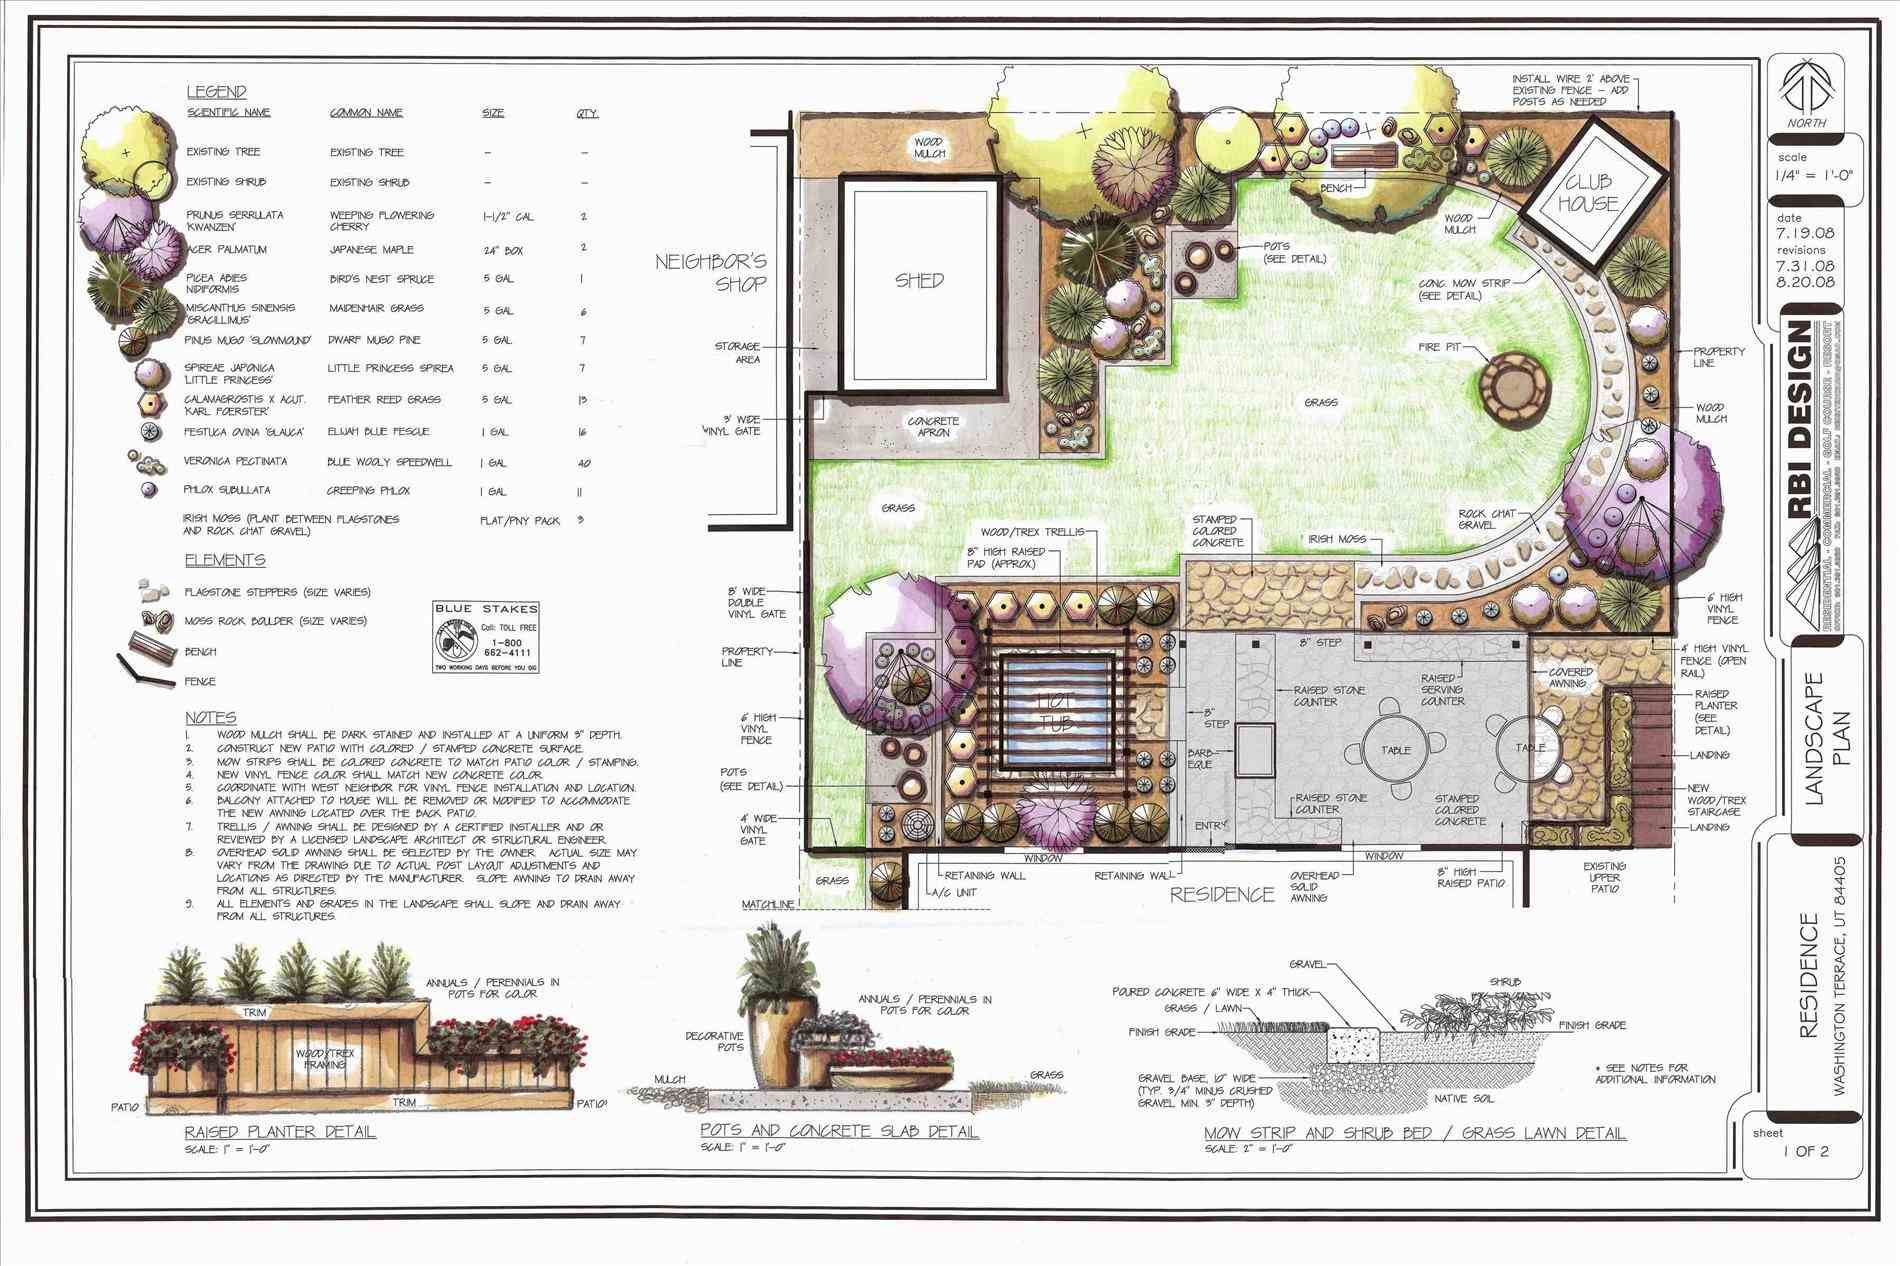 Design Drawings Ideas Garden Drawing On Landscape Designs Zone Backyards Appealing Backyard Plans